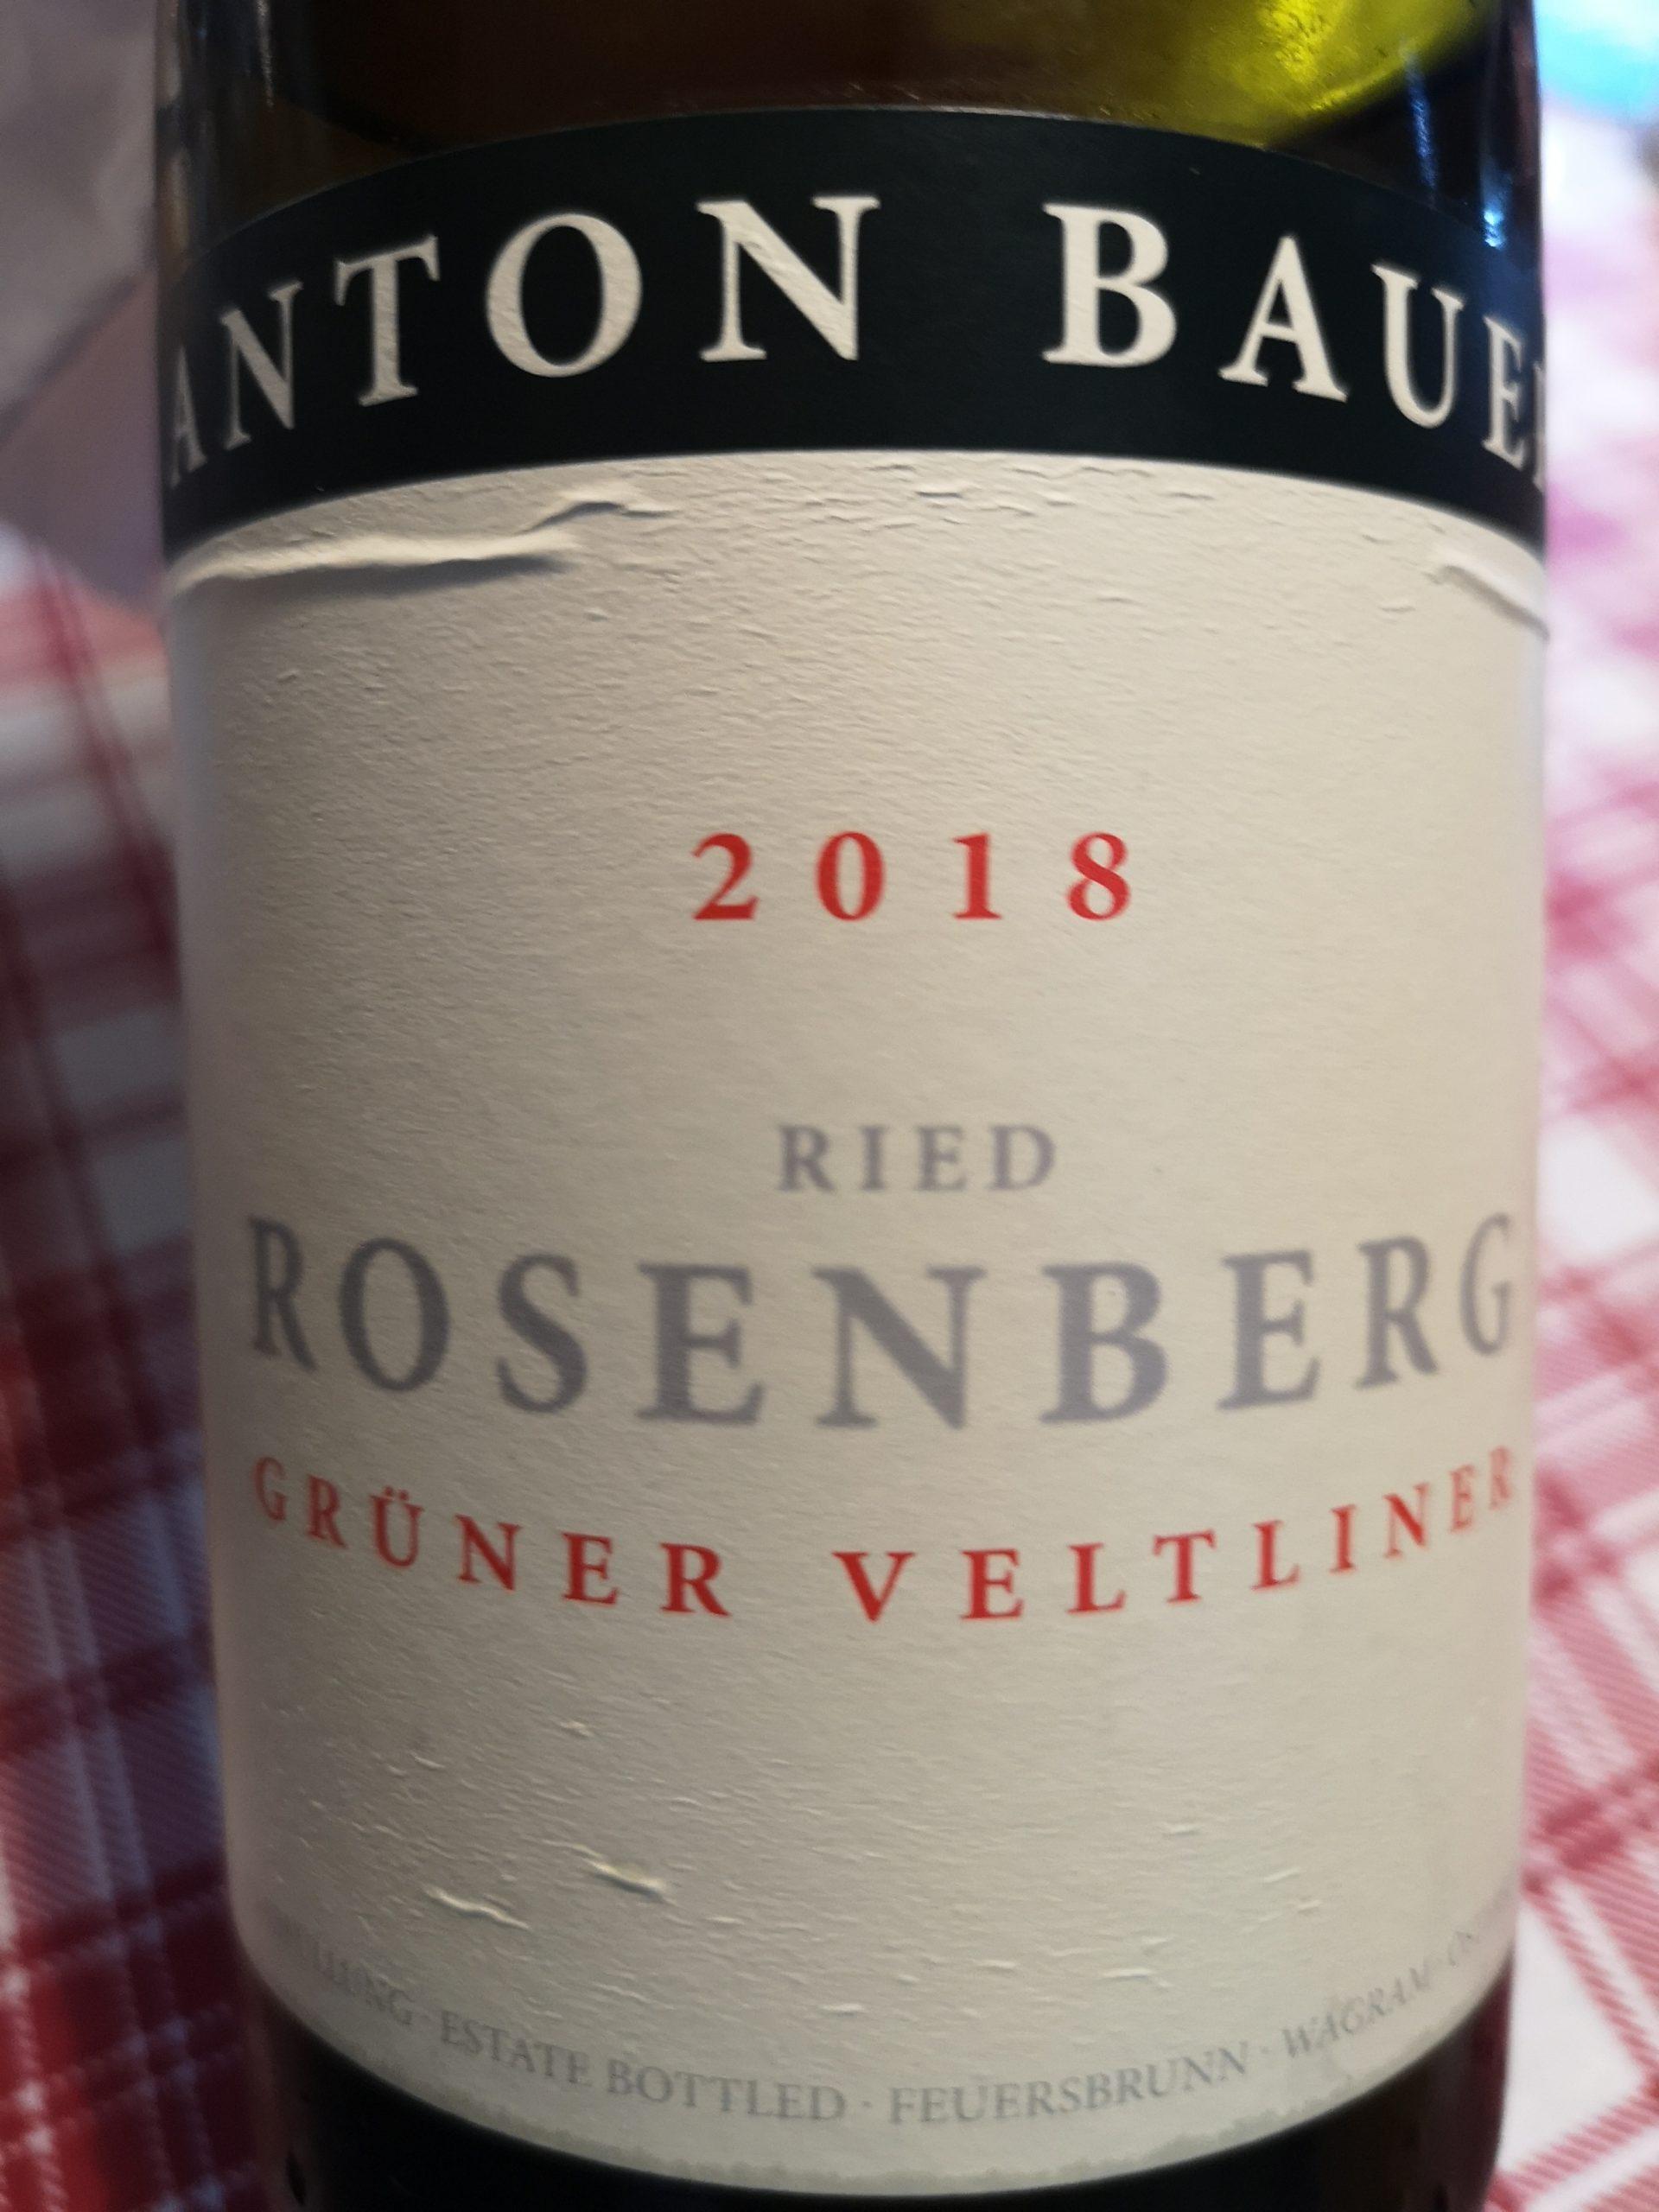 2018 Grüner Veltliner Rosenberg | Anton Bauer